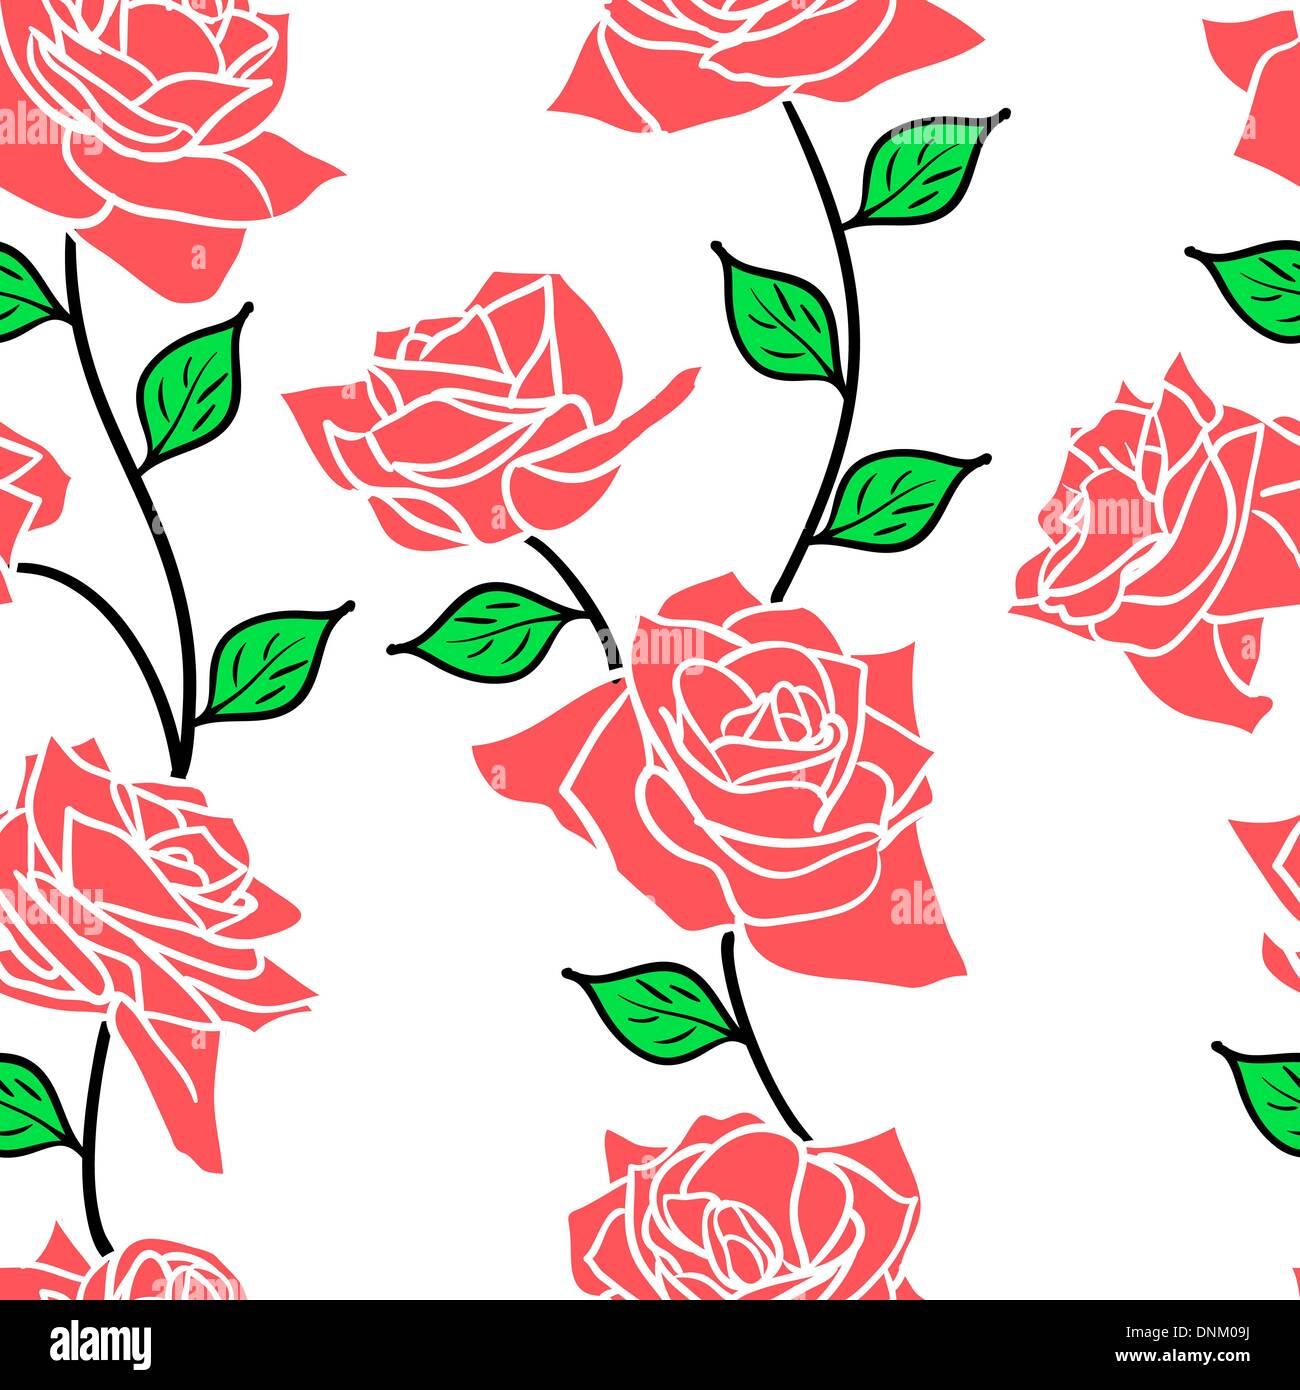 Schöne nahtlose Tapete mit Rosenblüten, Vektor-illustration Stockbild